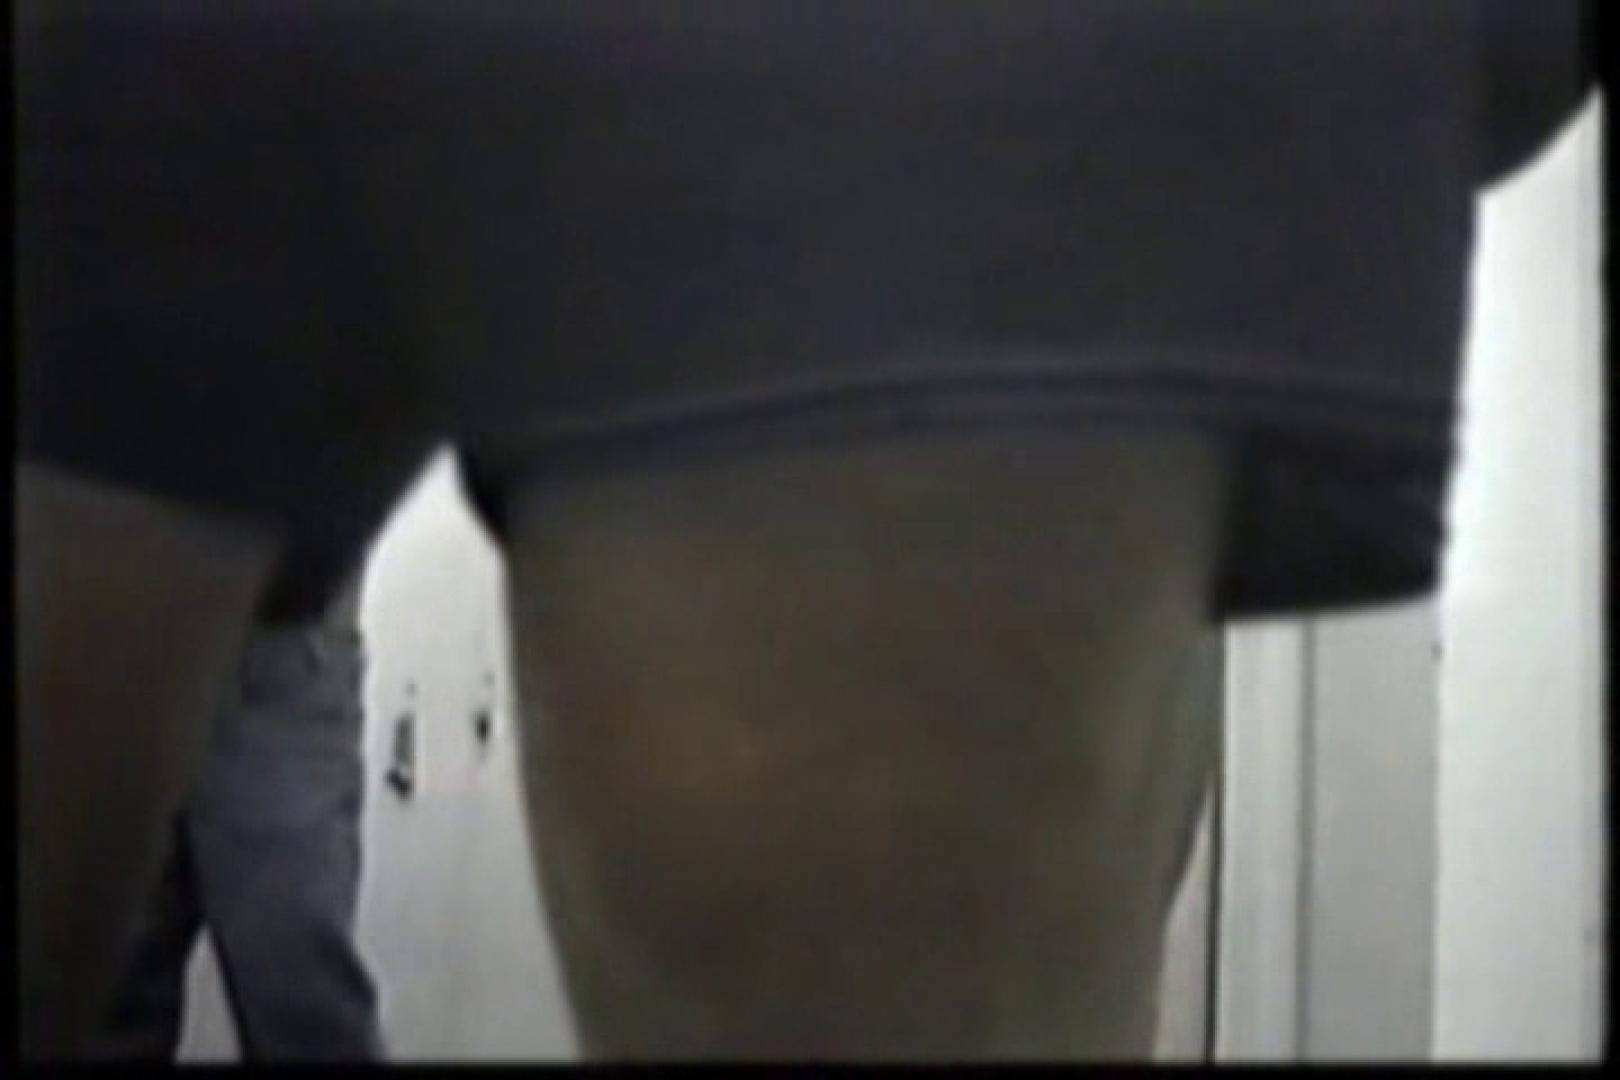 洋人さんの脱衣所を覗いてみました。VOL.8 のぞき   ガチムチマッチョ系  93pic 16